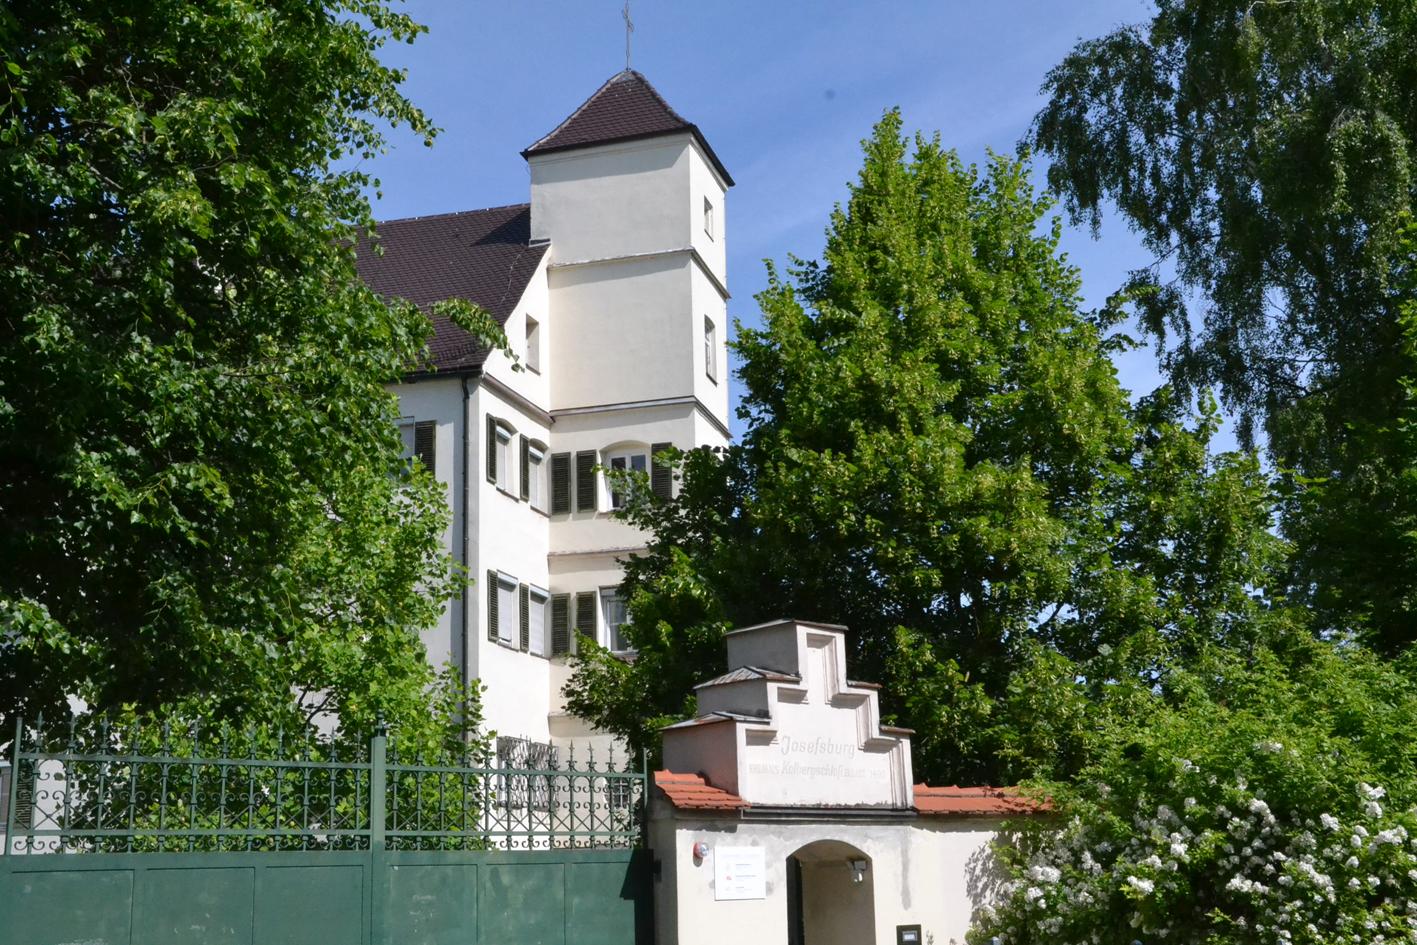 2021 06 28 aoelfb gemeinschaft emmanuel josefsburg3